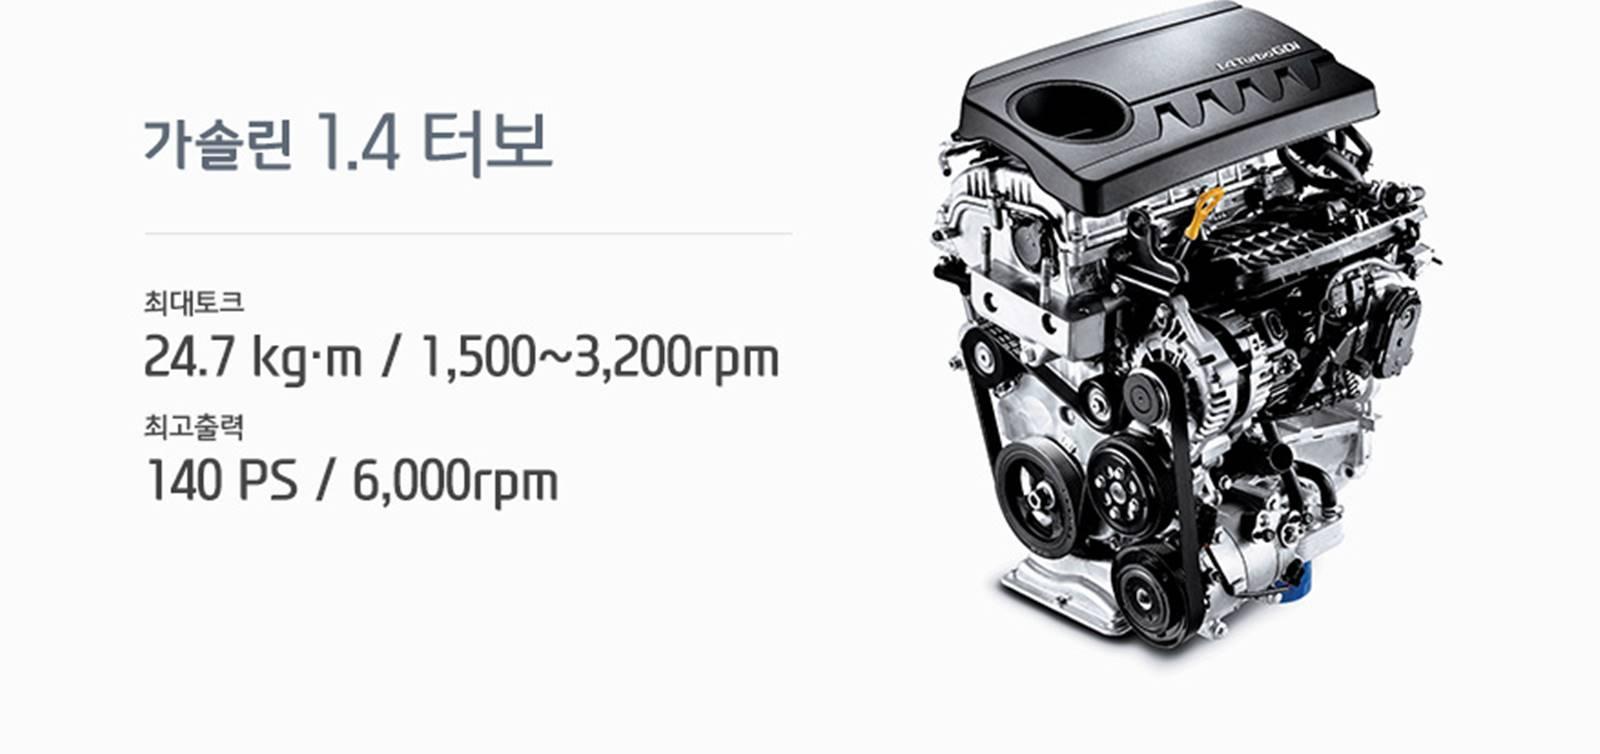 Novo Hyundai i30 2017: fotos adicionais e detalhes